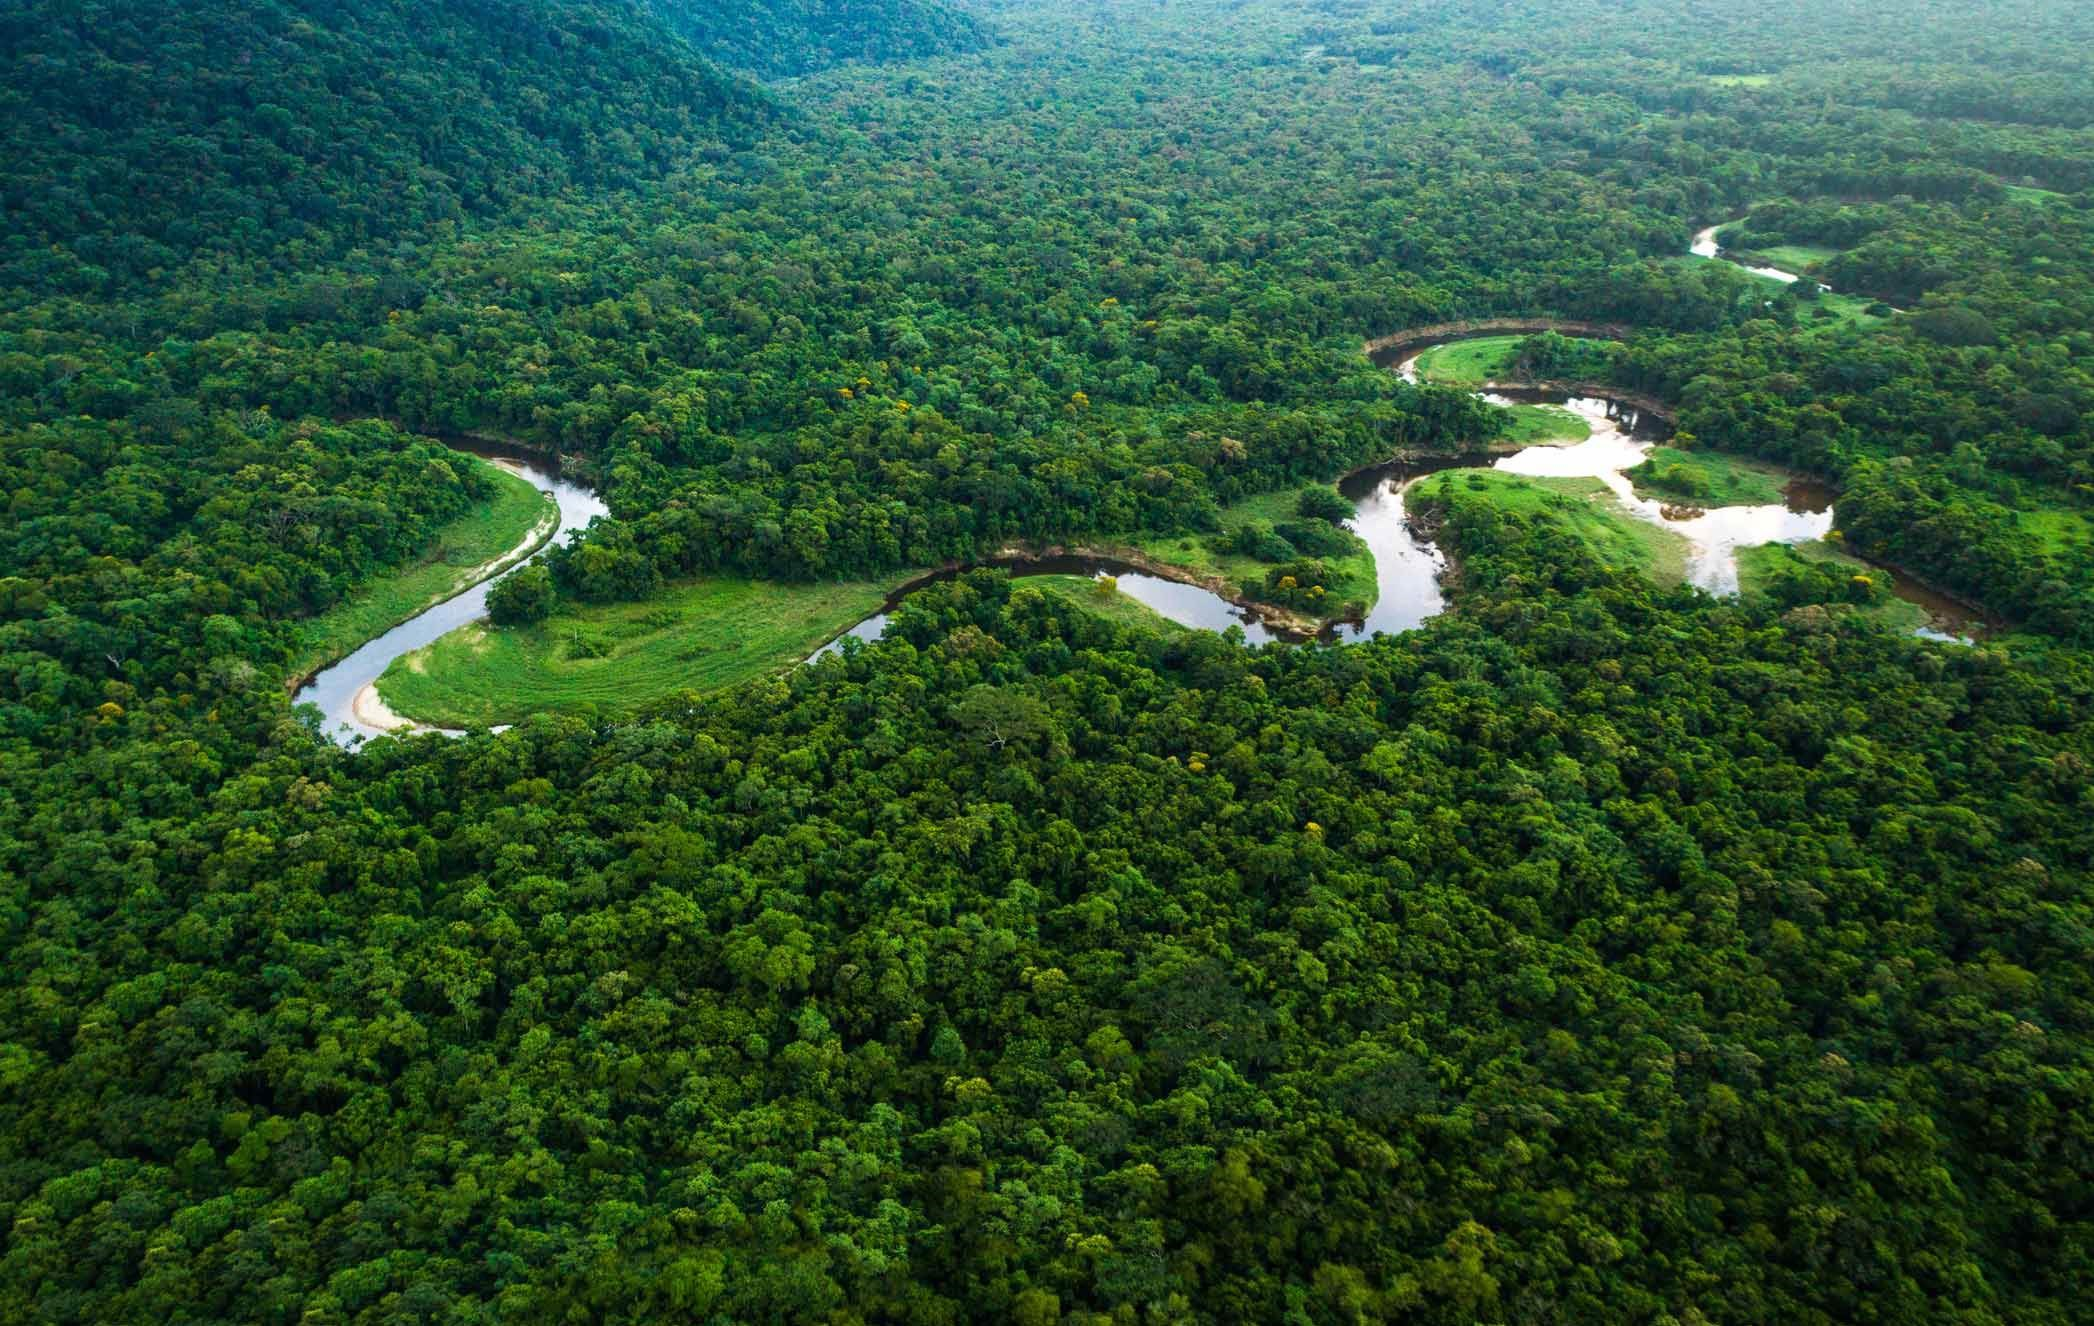 مستوى قياسي في قطع أشجار الأمازون خلال النصف الأول من الـ2020